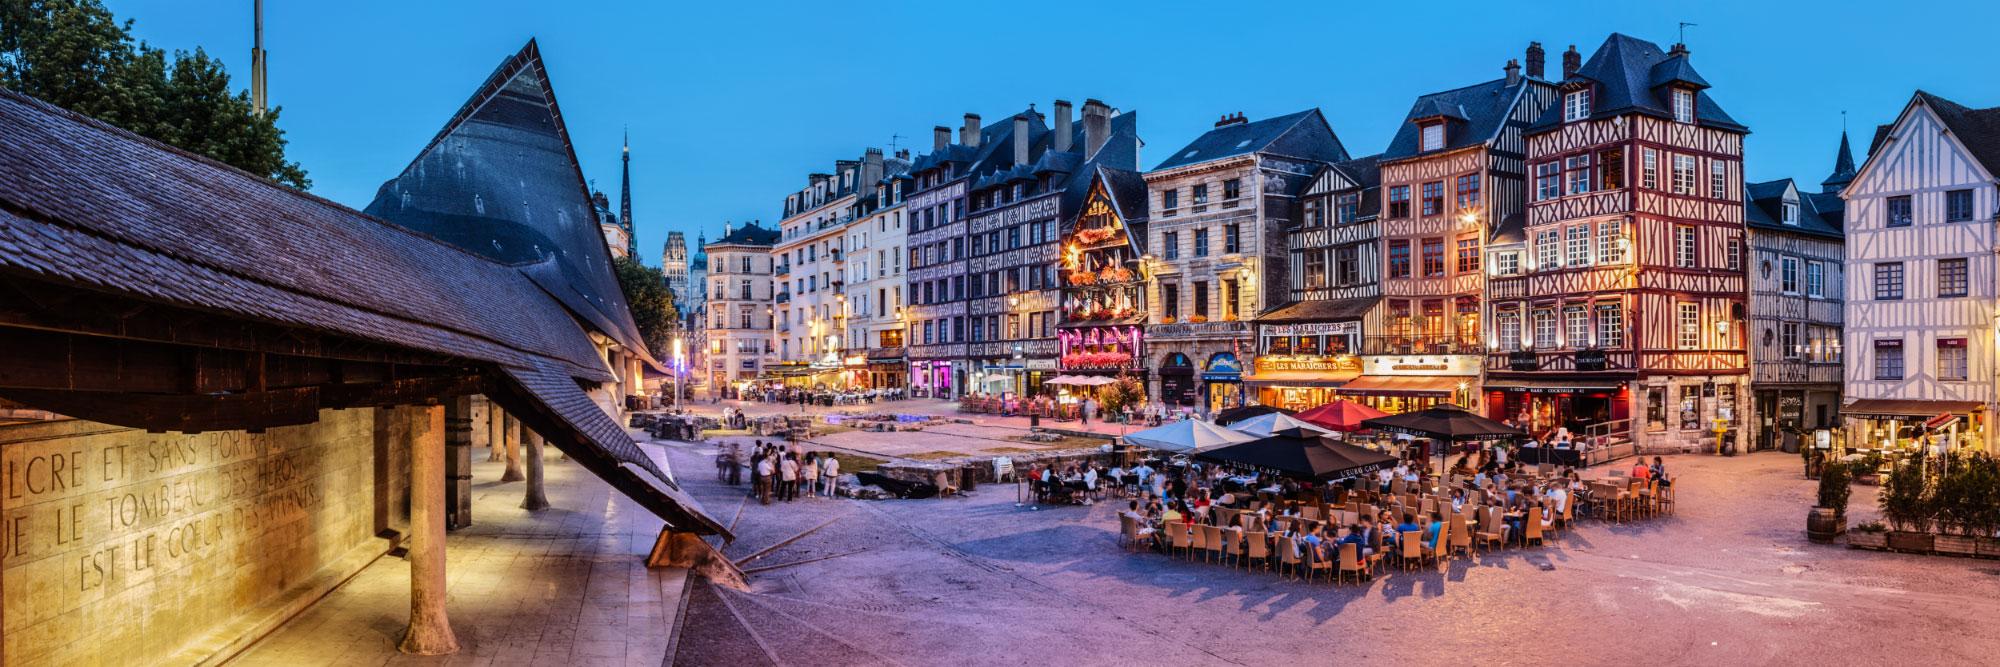 Place du Vieux-Marché, Rouen